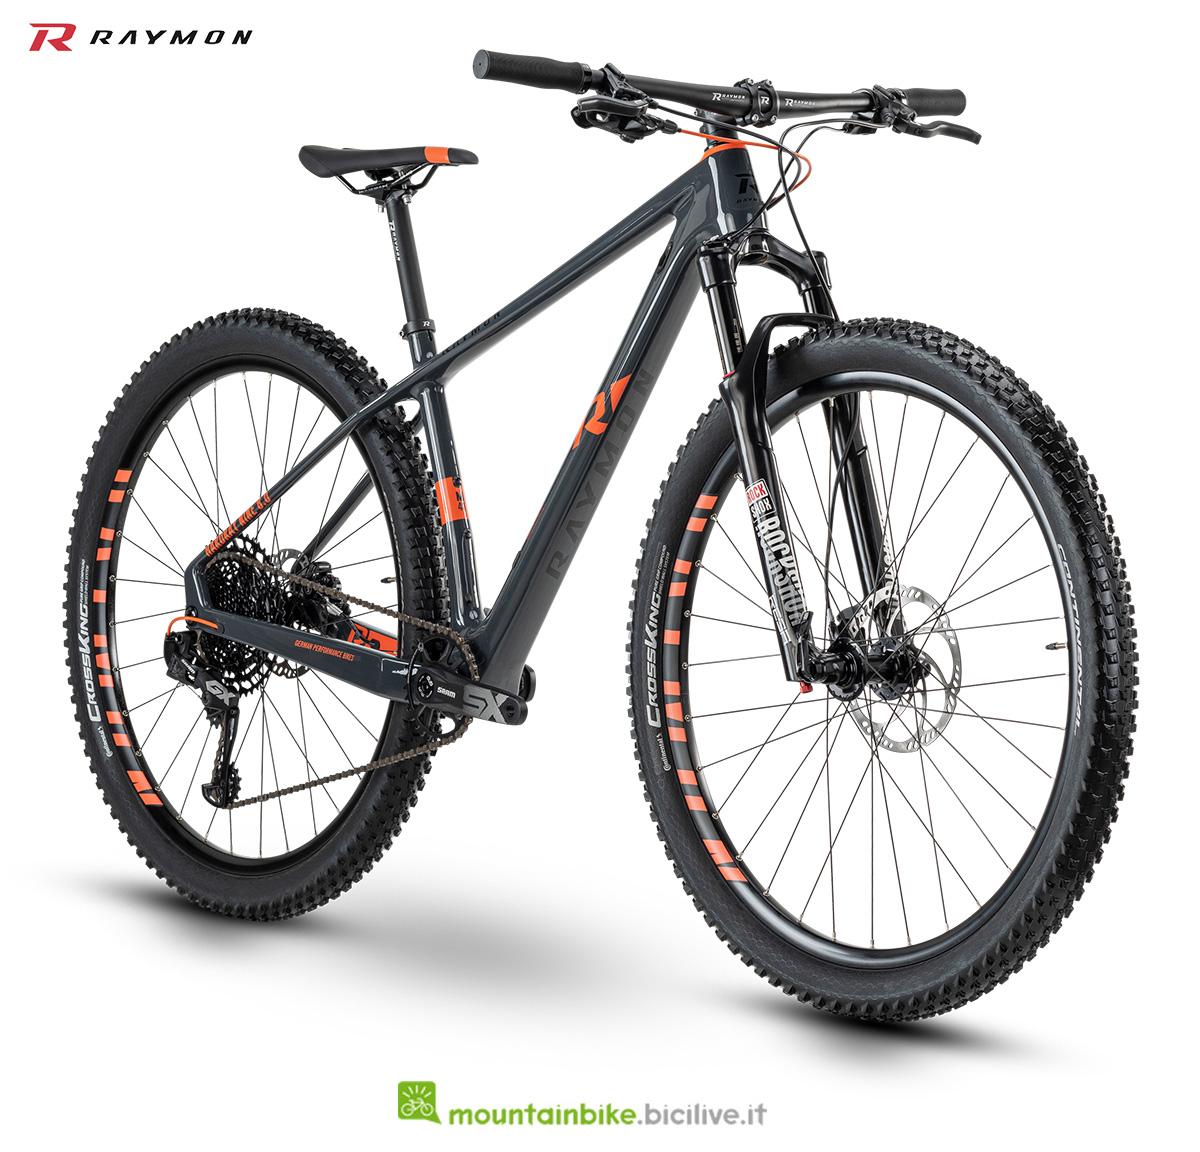 La nuova mountain bike R Raymon Hardray 8.0 della gamma 2021